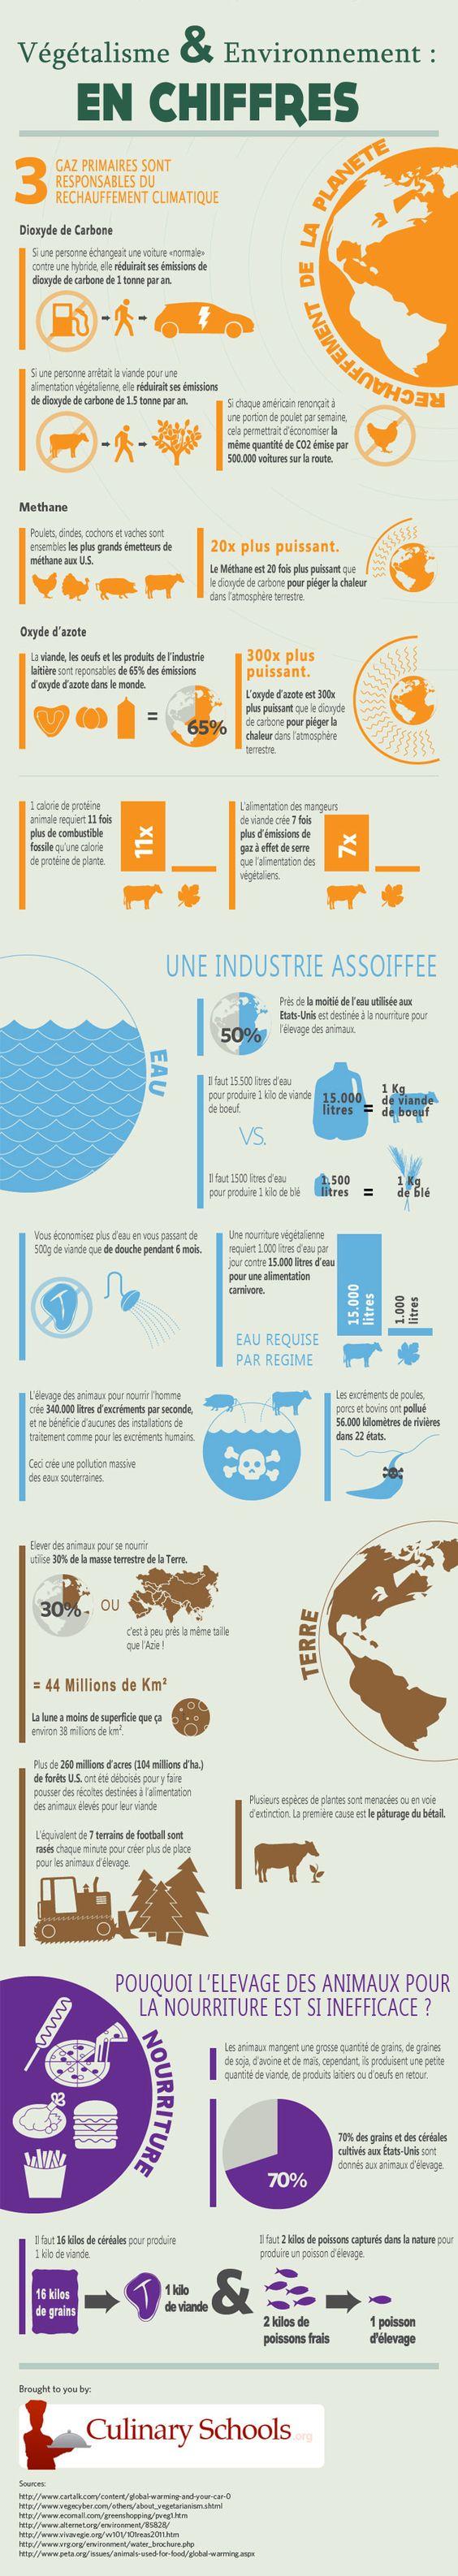 Vegetalisme et environnement en chiffres